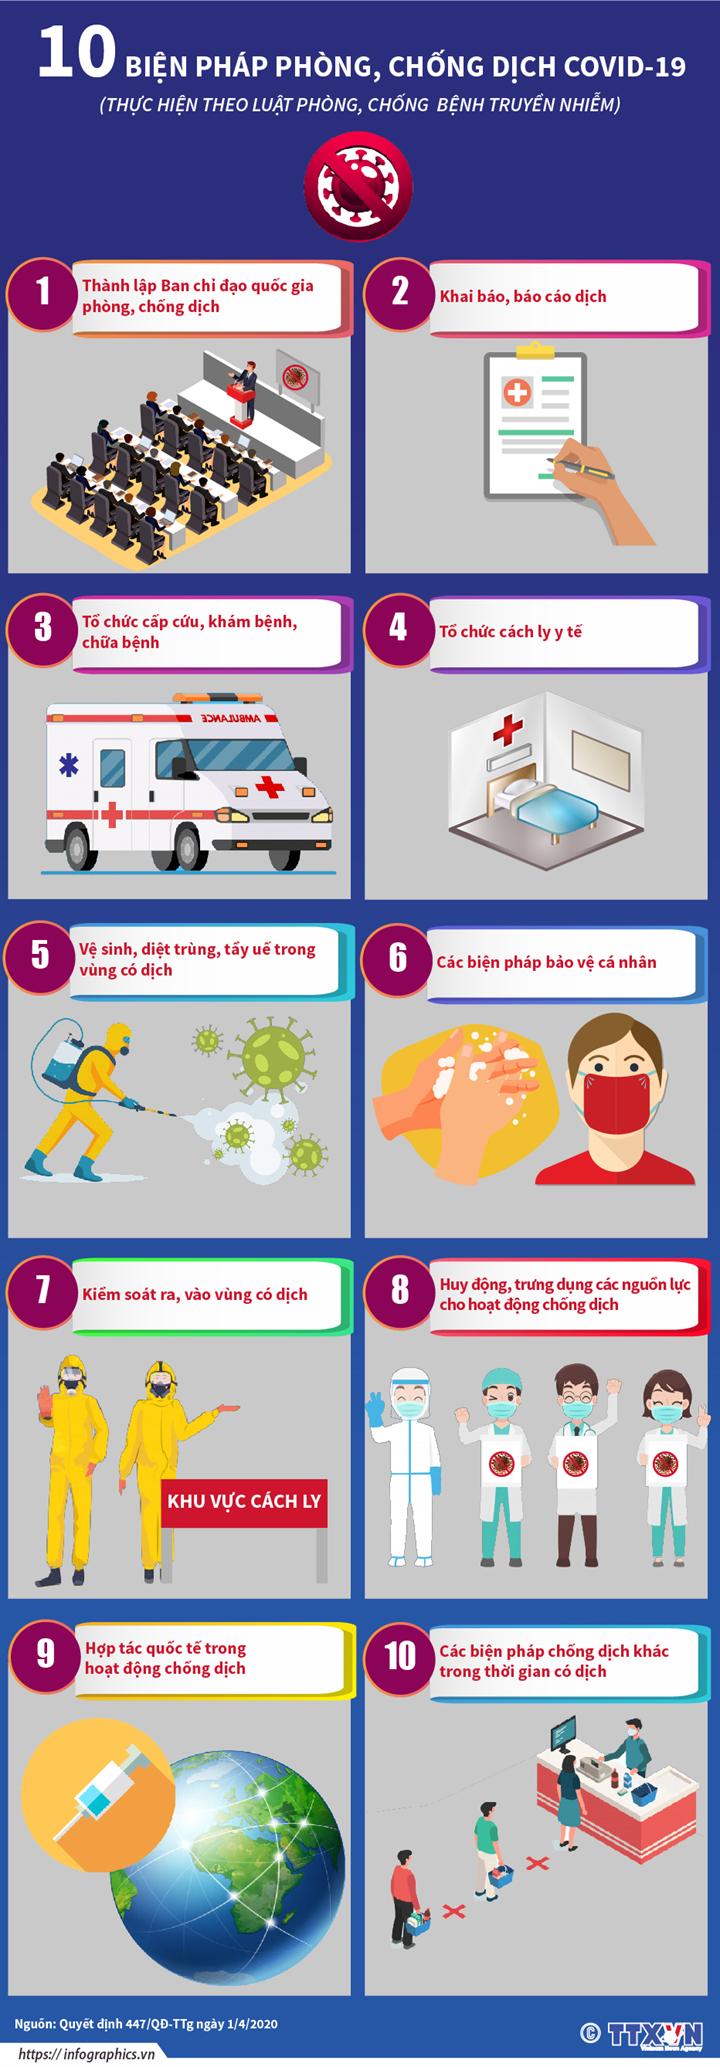 10 biện pháp phòng, chống dịch COVID-19  (Thực hiện theo Luật phòng, chống  bệnh truyền nhiễm)